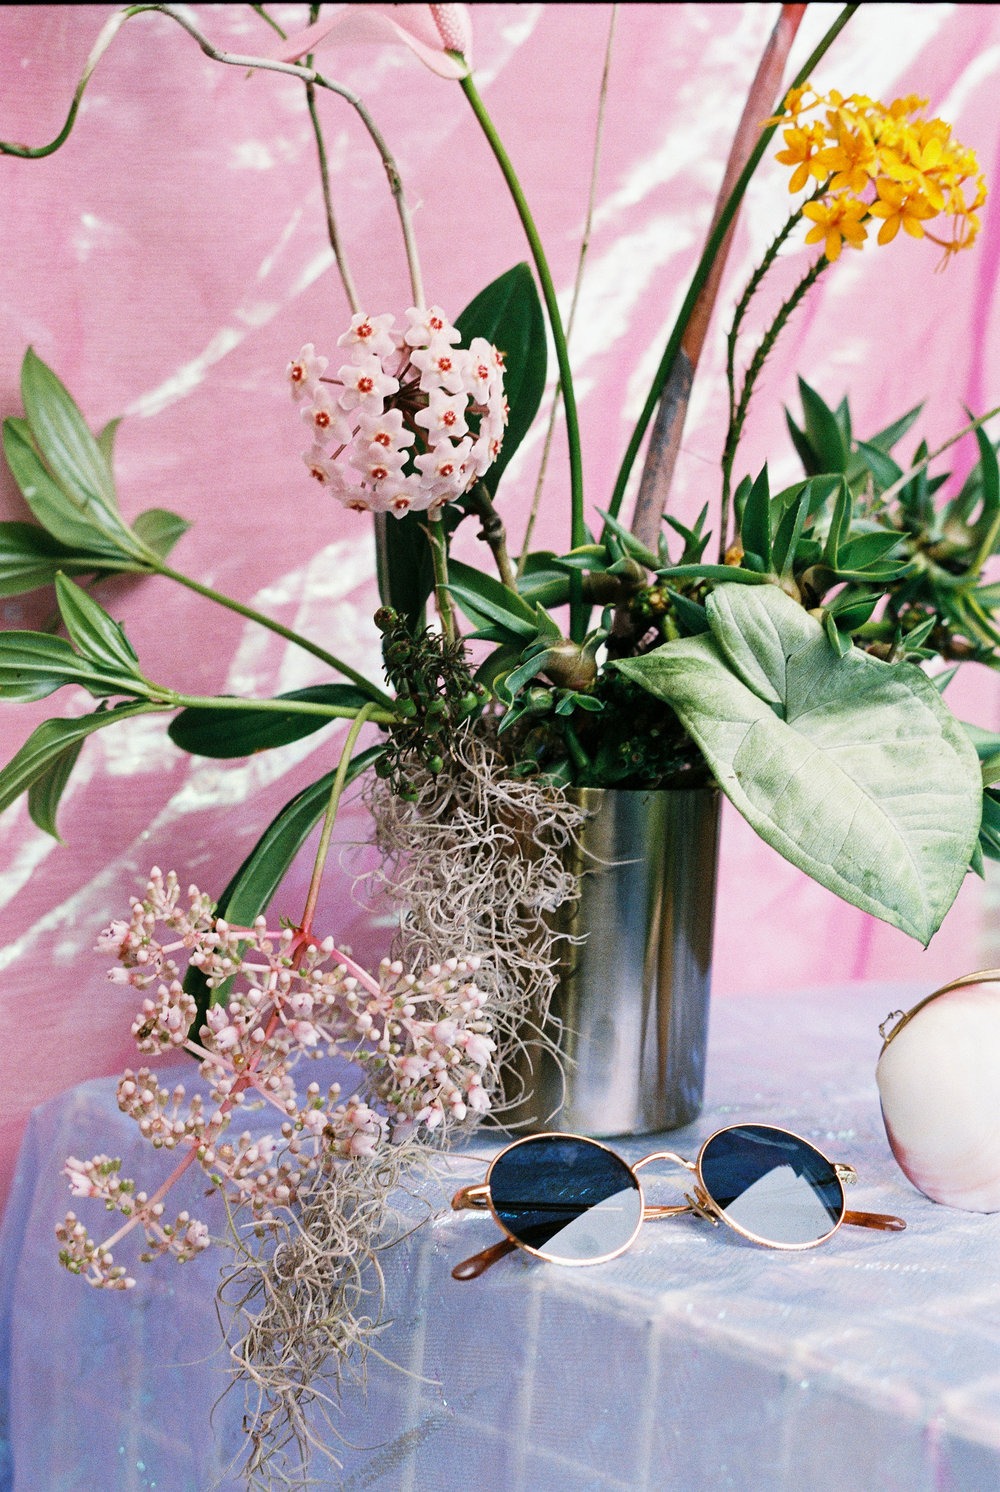 Bloodwood Botanica | Modern Tropical Floral Design